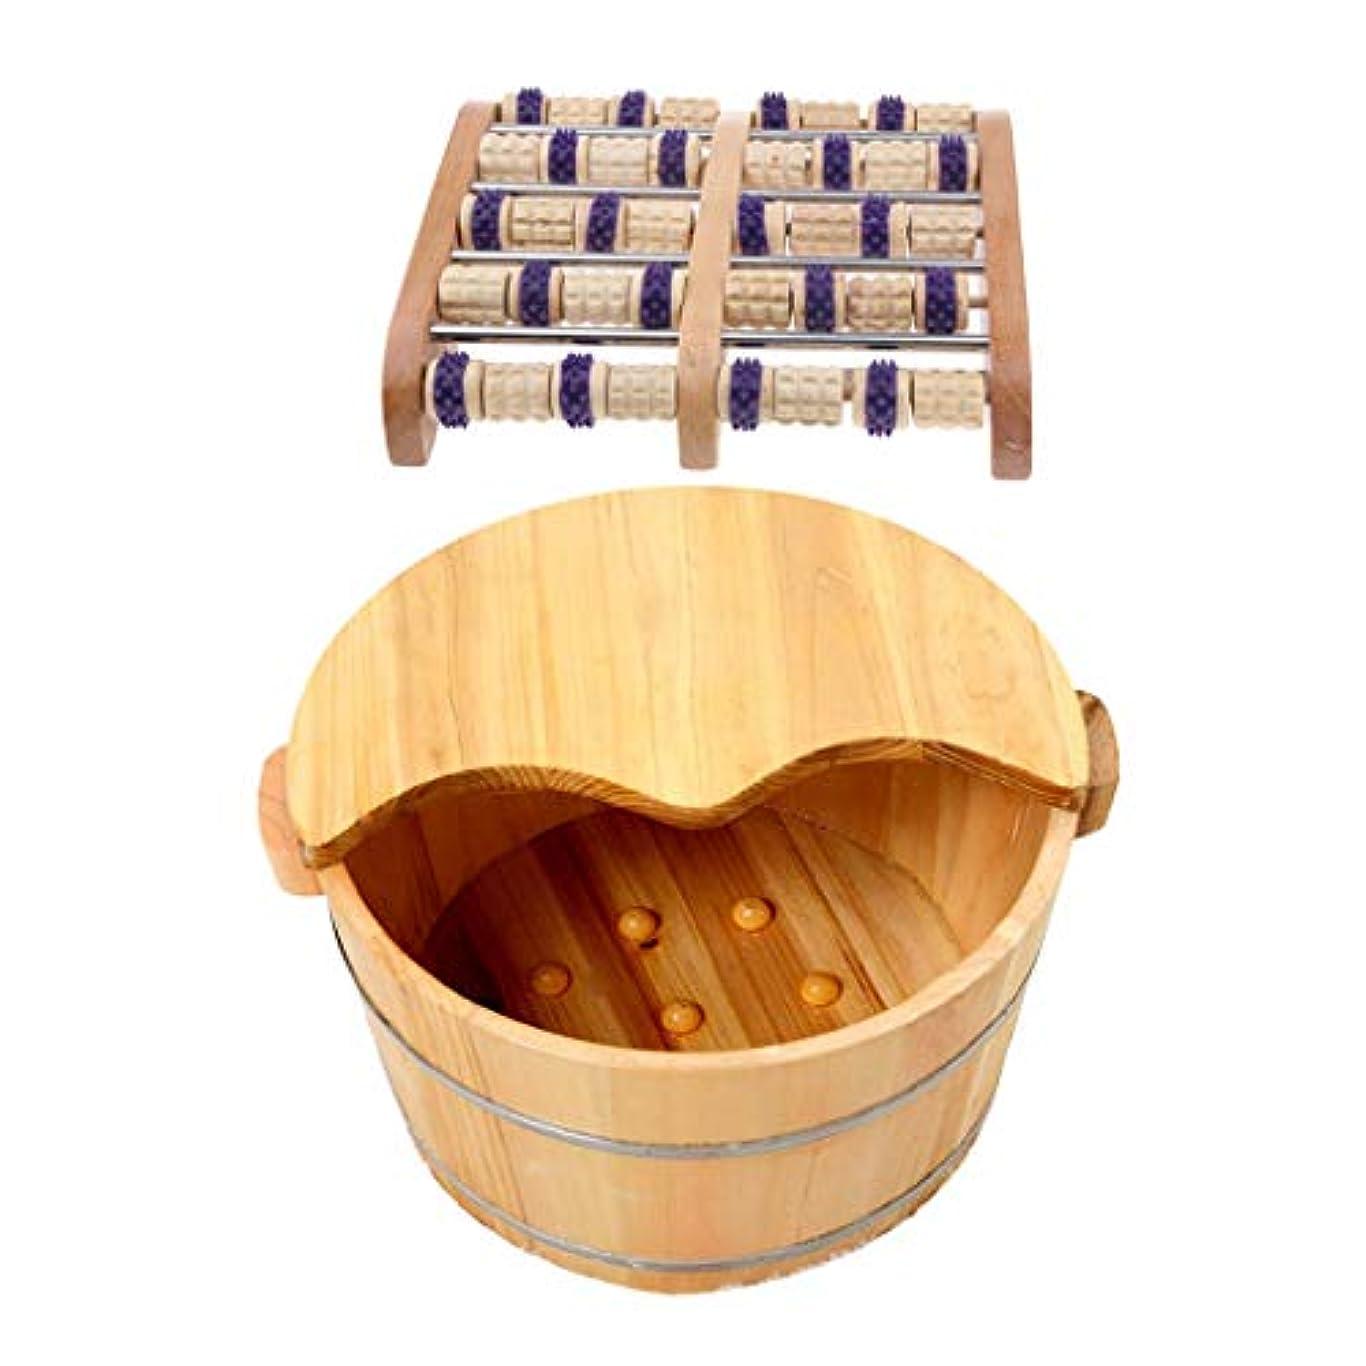 行限定サンダースFenteer 足つぼマッサージ 手作りウッドマッサー フット ローラー 足裏刺激 血行促進 木製の足の洗面台付き